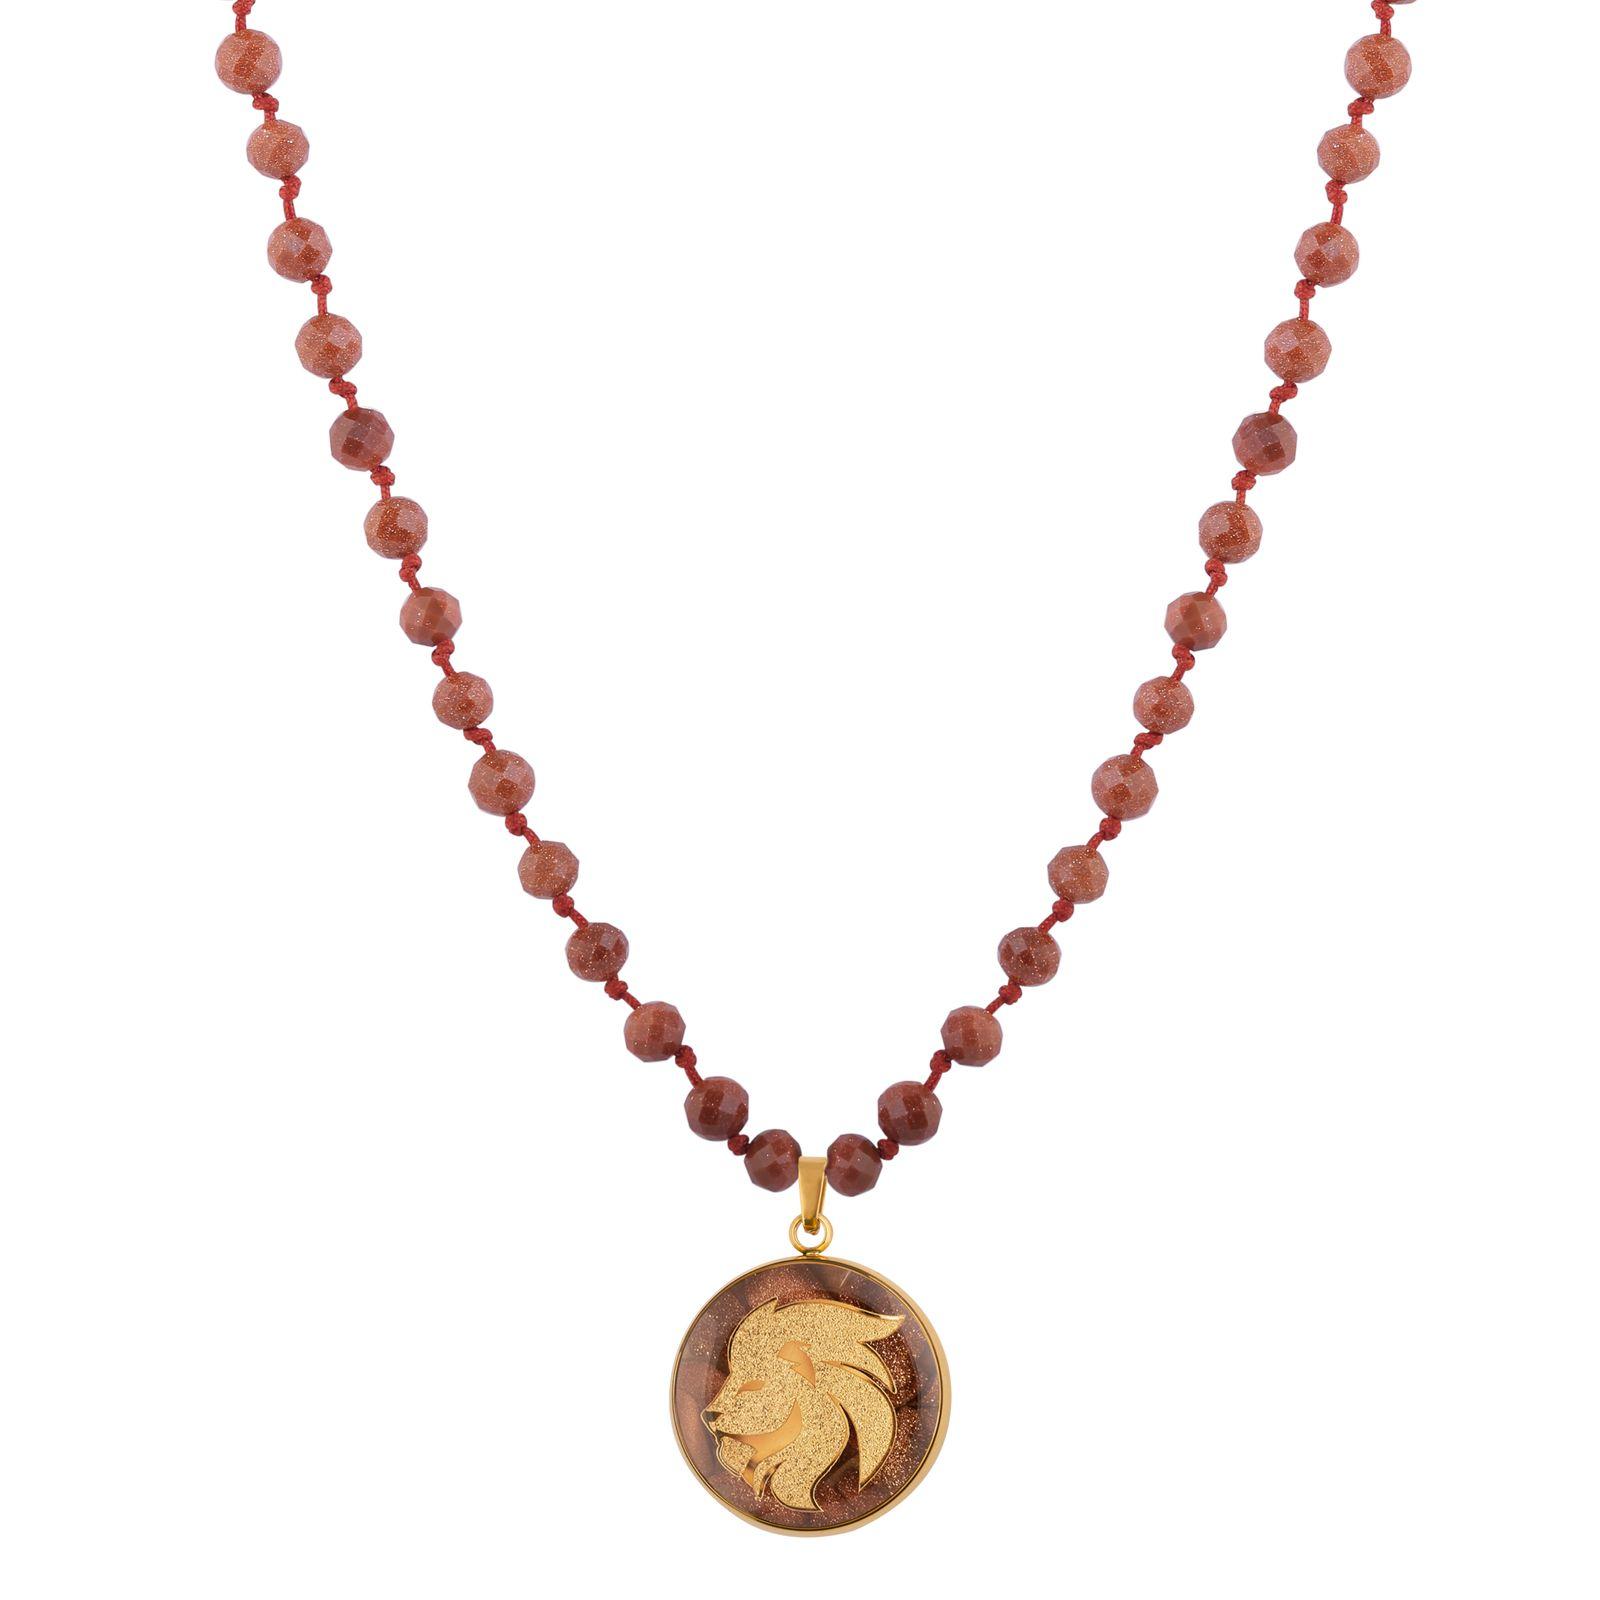 گردنبند زنانه الون طرح نماد ماه مرداد کد DEL102 -  - 2